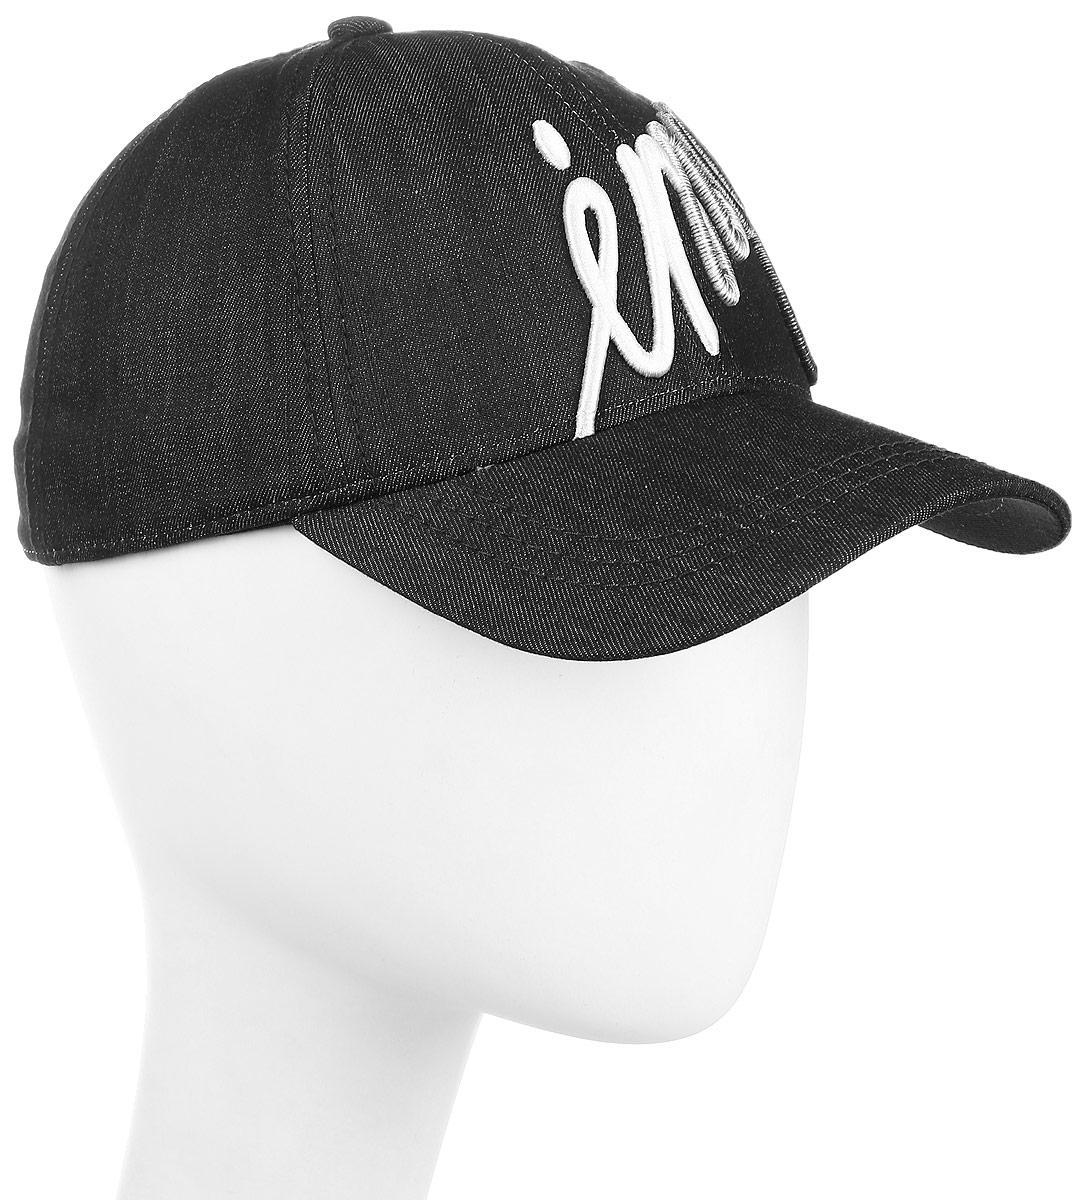 Бейсболка мужская Imojo, цвет: черный. BY131048. Размер 57/59BY131048Классическая форма, с оригинальным принтом.